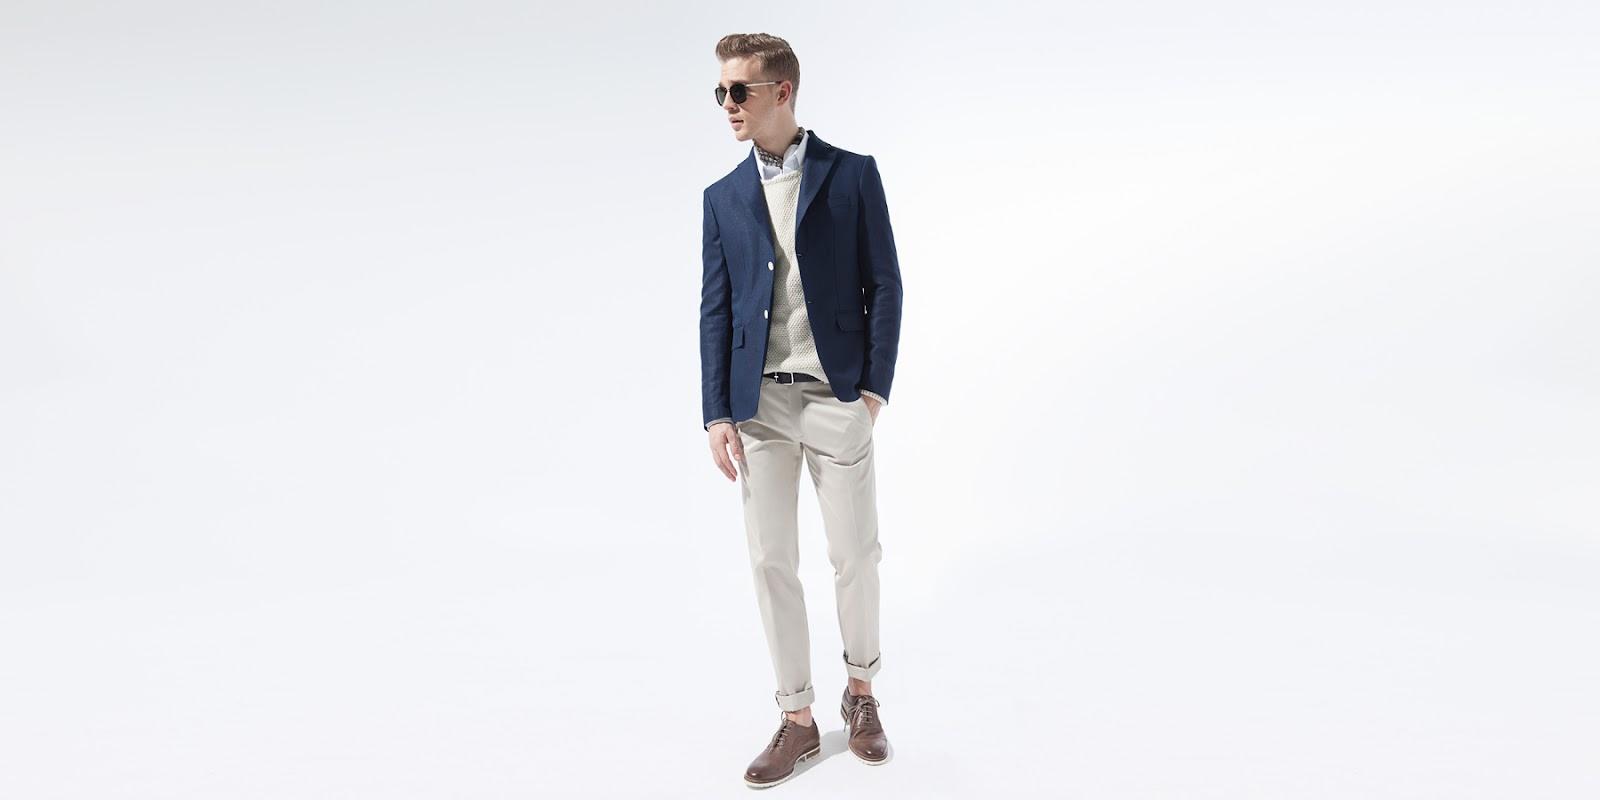 fe93330beefd2 Erkek giyiminde stil sahibi erkeklerin tercihi Zara'nın 2012 Mart  koleksiyonu tanıtıldı. Koleksiyonda ilkbaharın yaklaşmasıyla ...